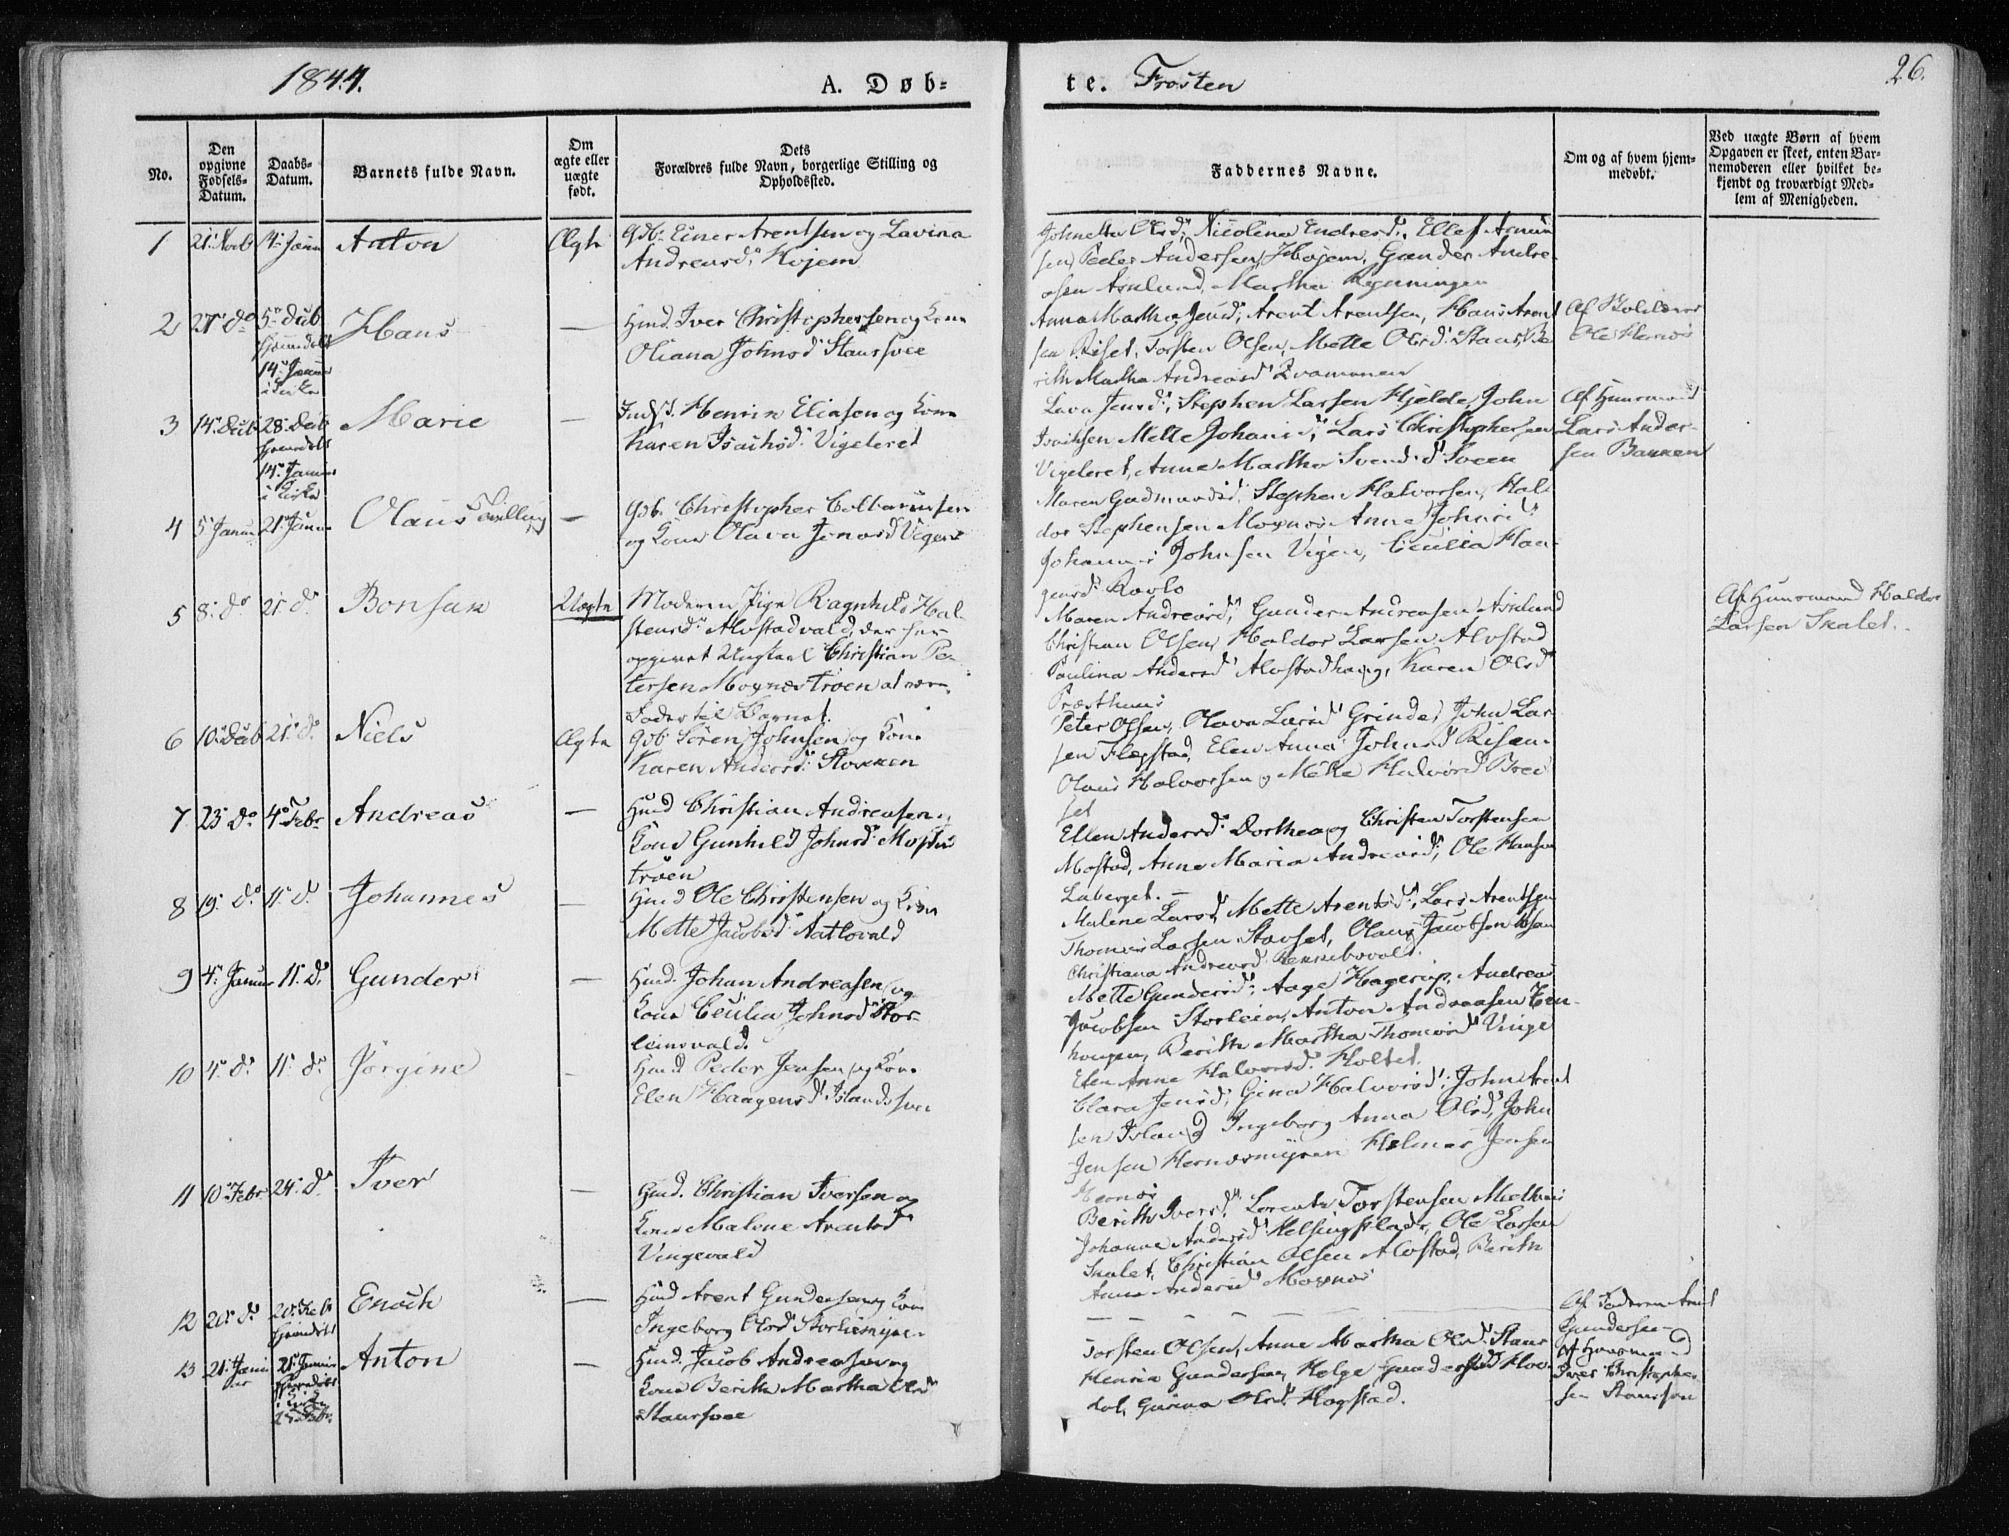 SAT, Ministerialprotokoller, klokkerbøker og fødselsregistre - Nord-Trøndelag, 713/L0115: Ministerialbok nr. 713A06, 1838-1851, s. 26